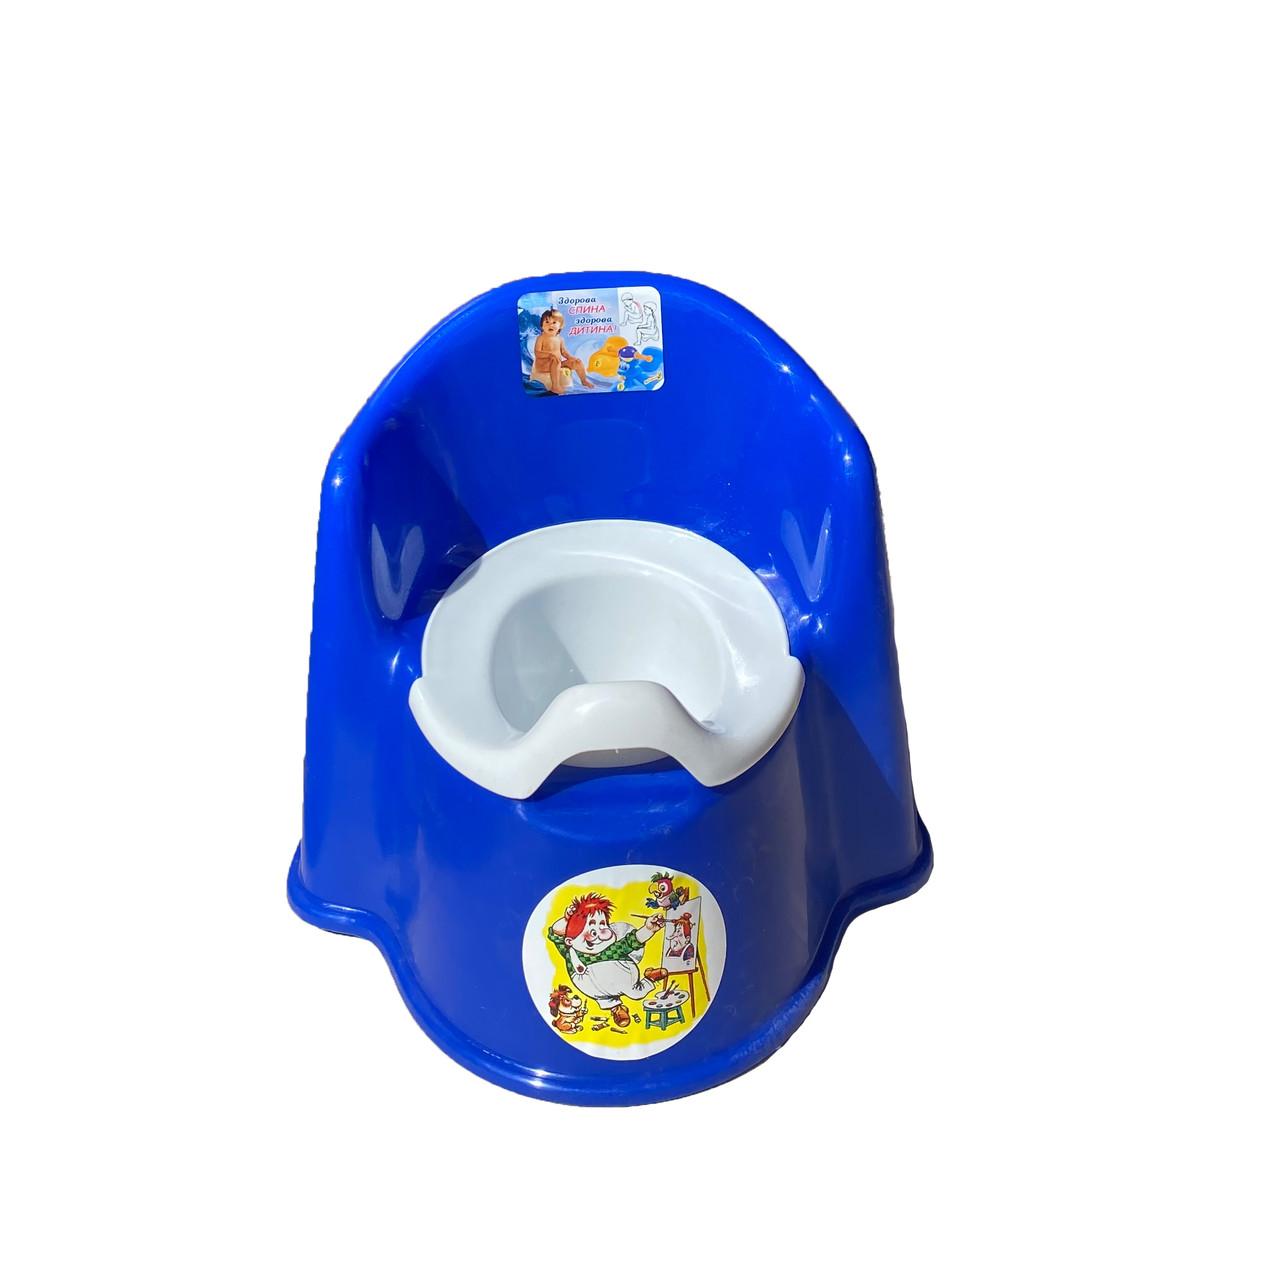 Горшок детский стул, СИНИЙ Консенсус